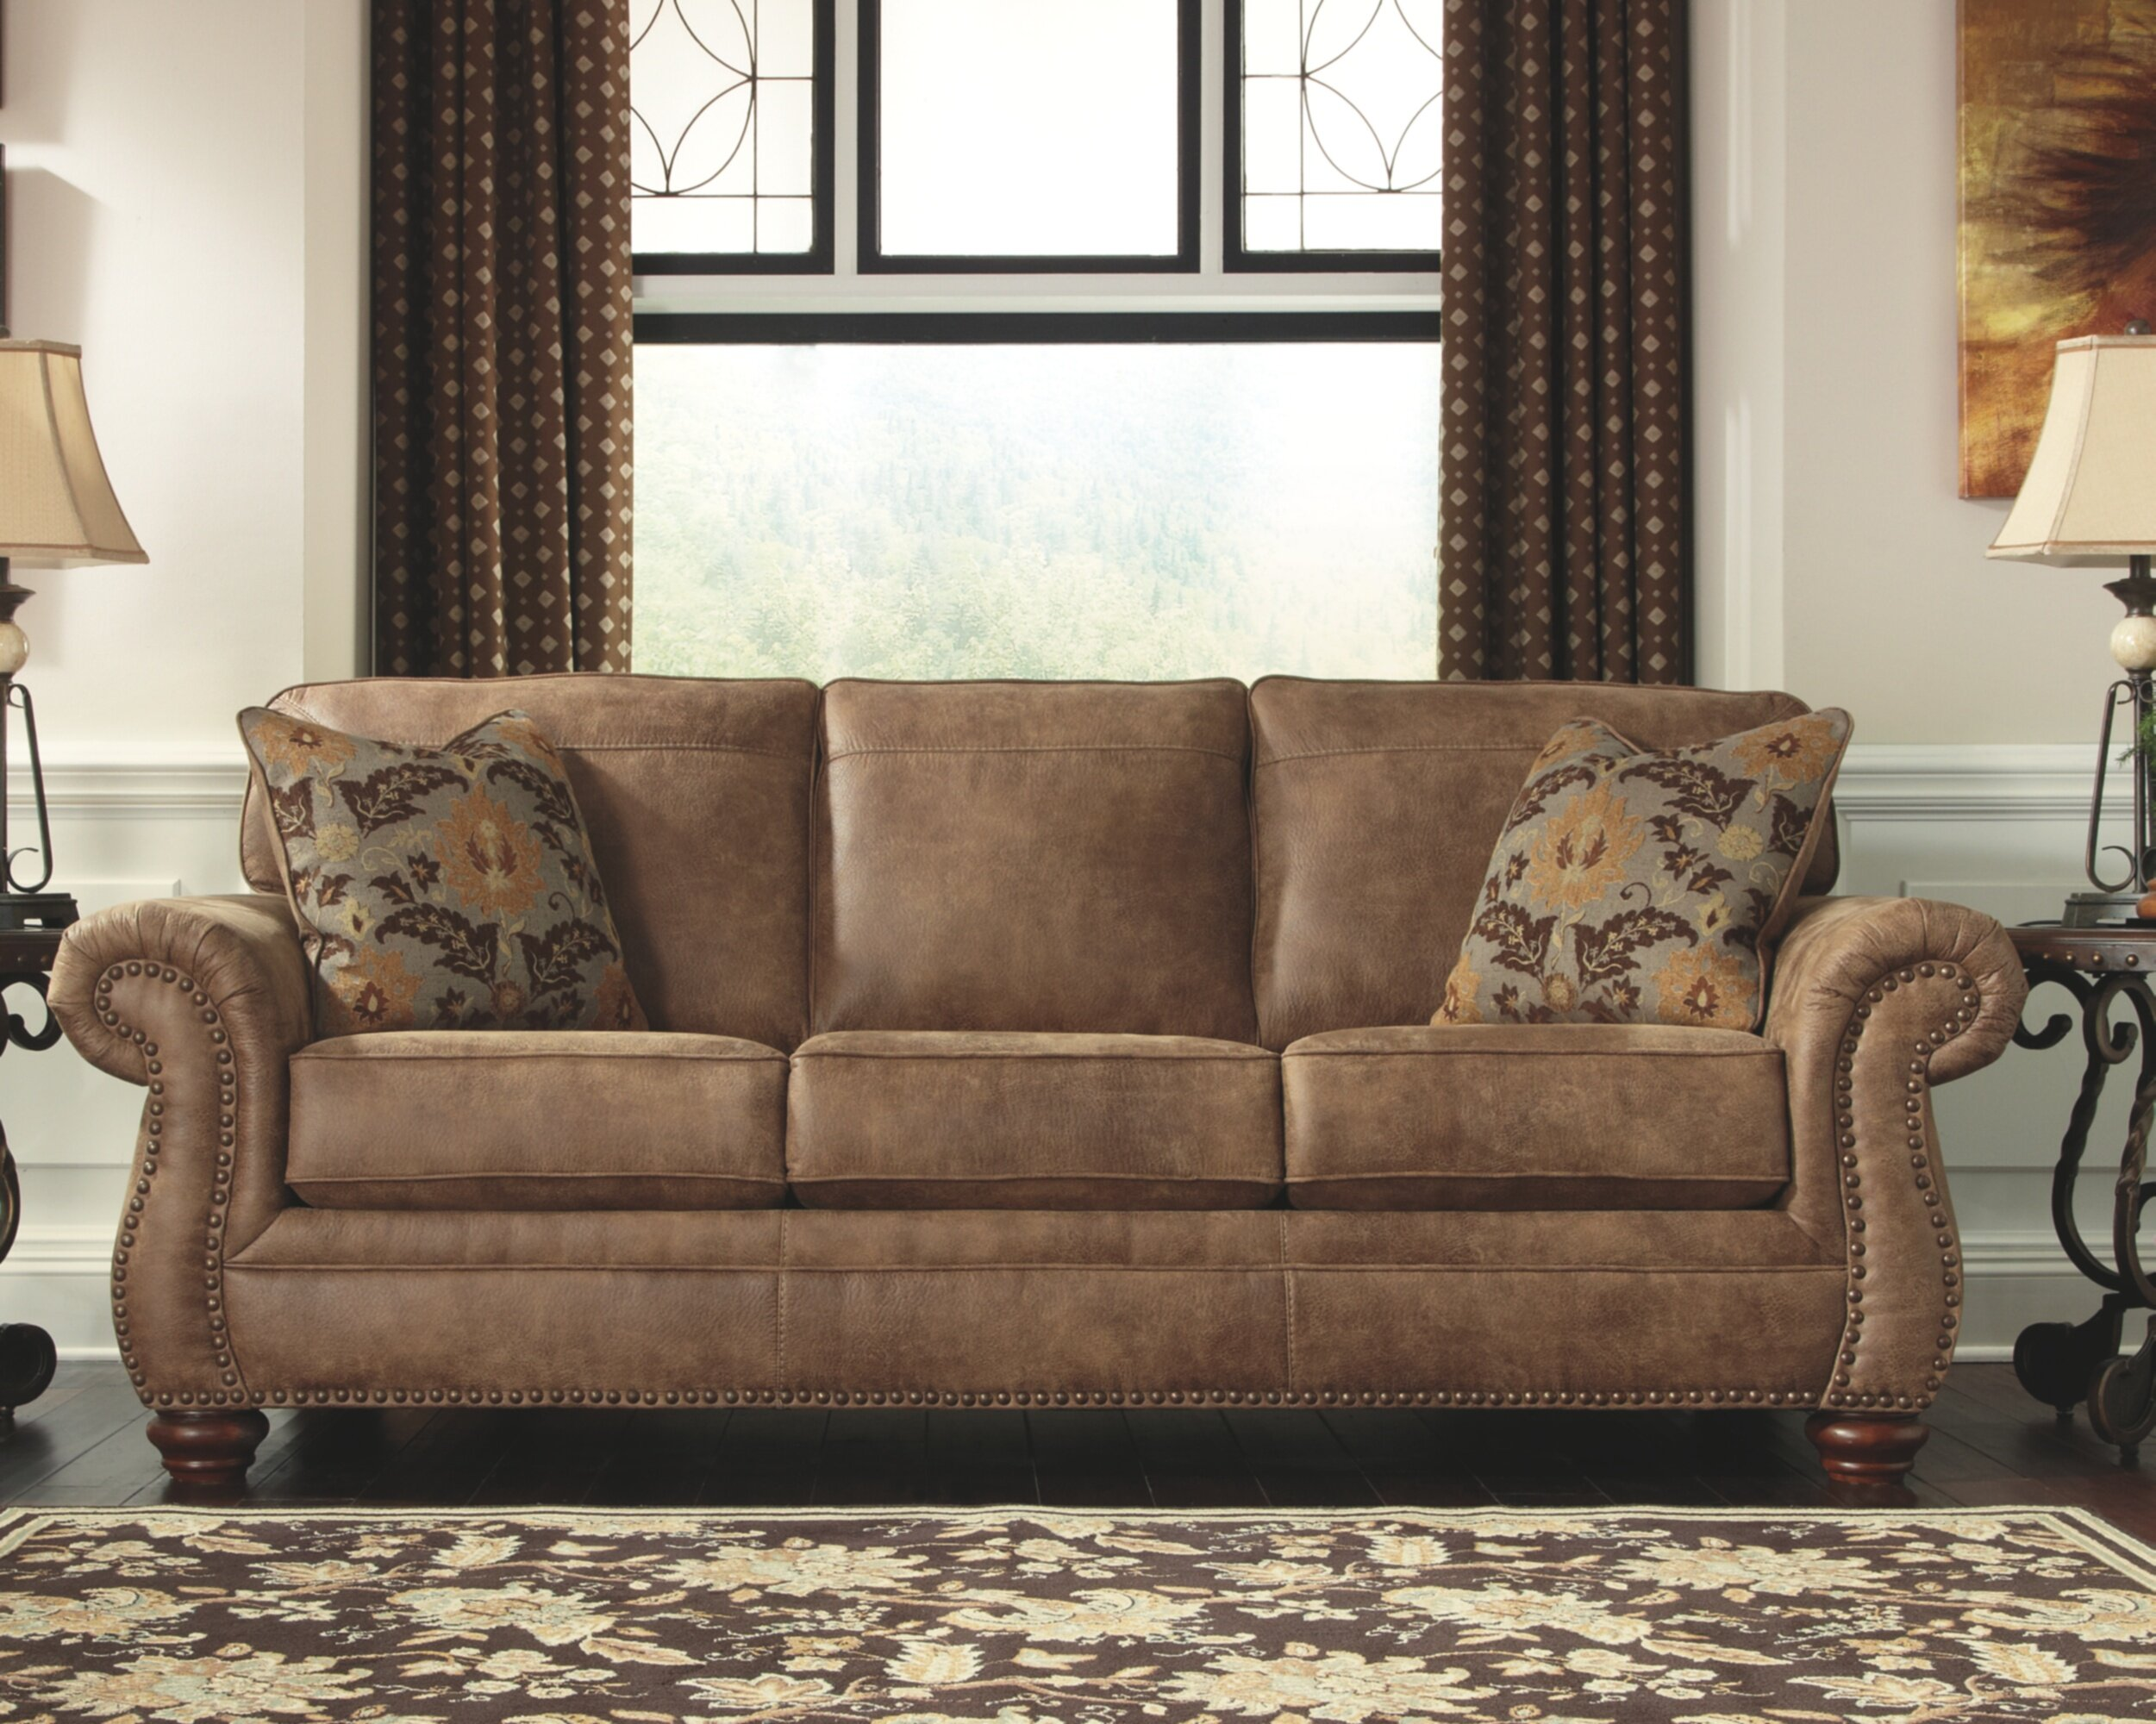 Neston Sleeper Sofa